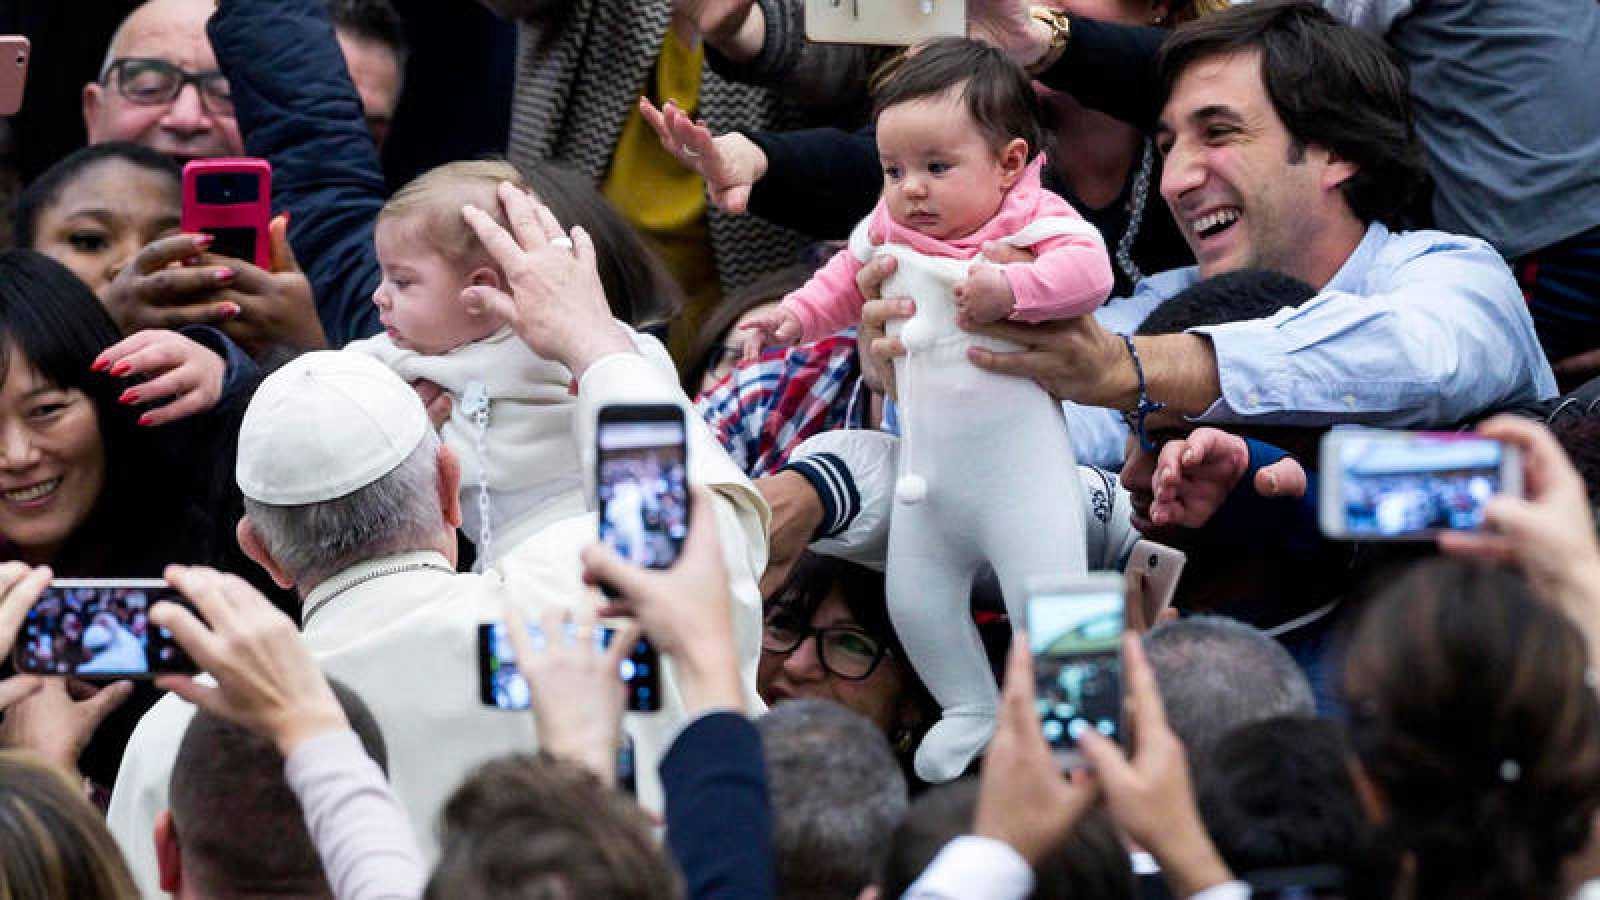 El papa Francisco saluda a niños durante su audiencia general de los miércoles en el Aula Pablo VI en el Vaticano